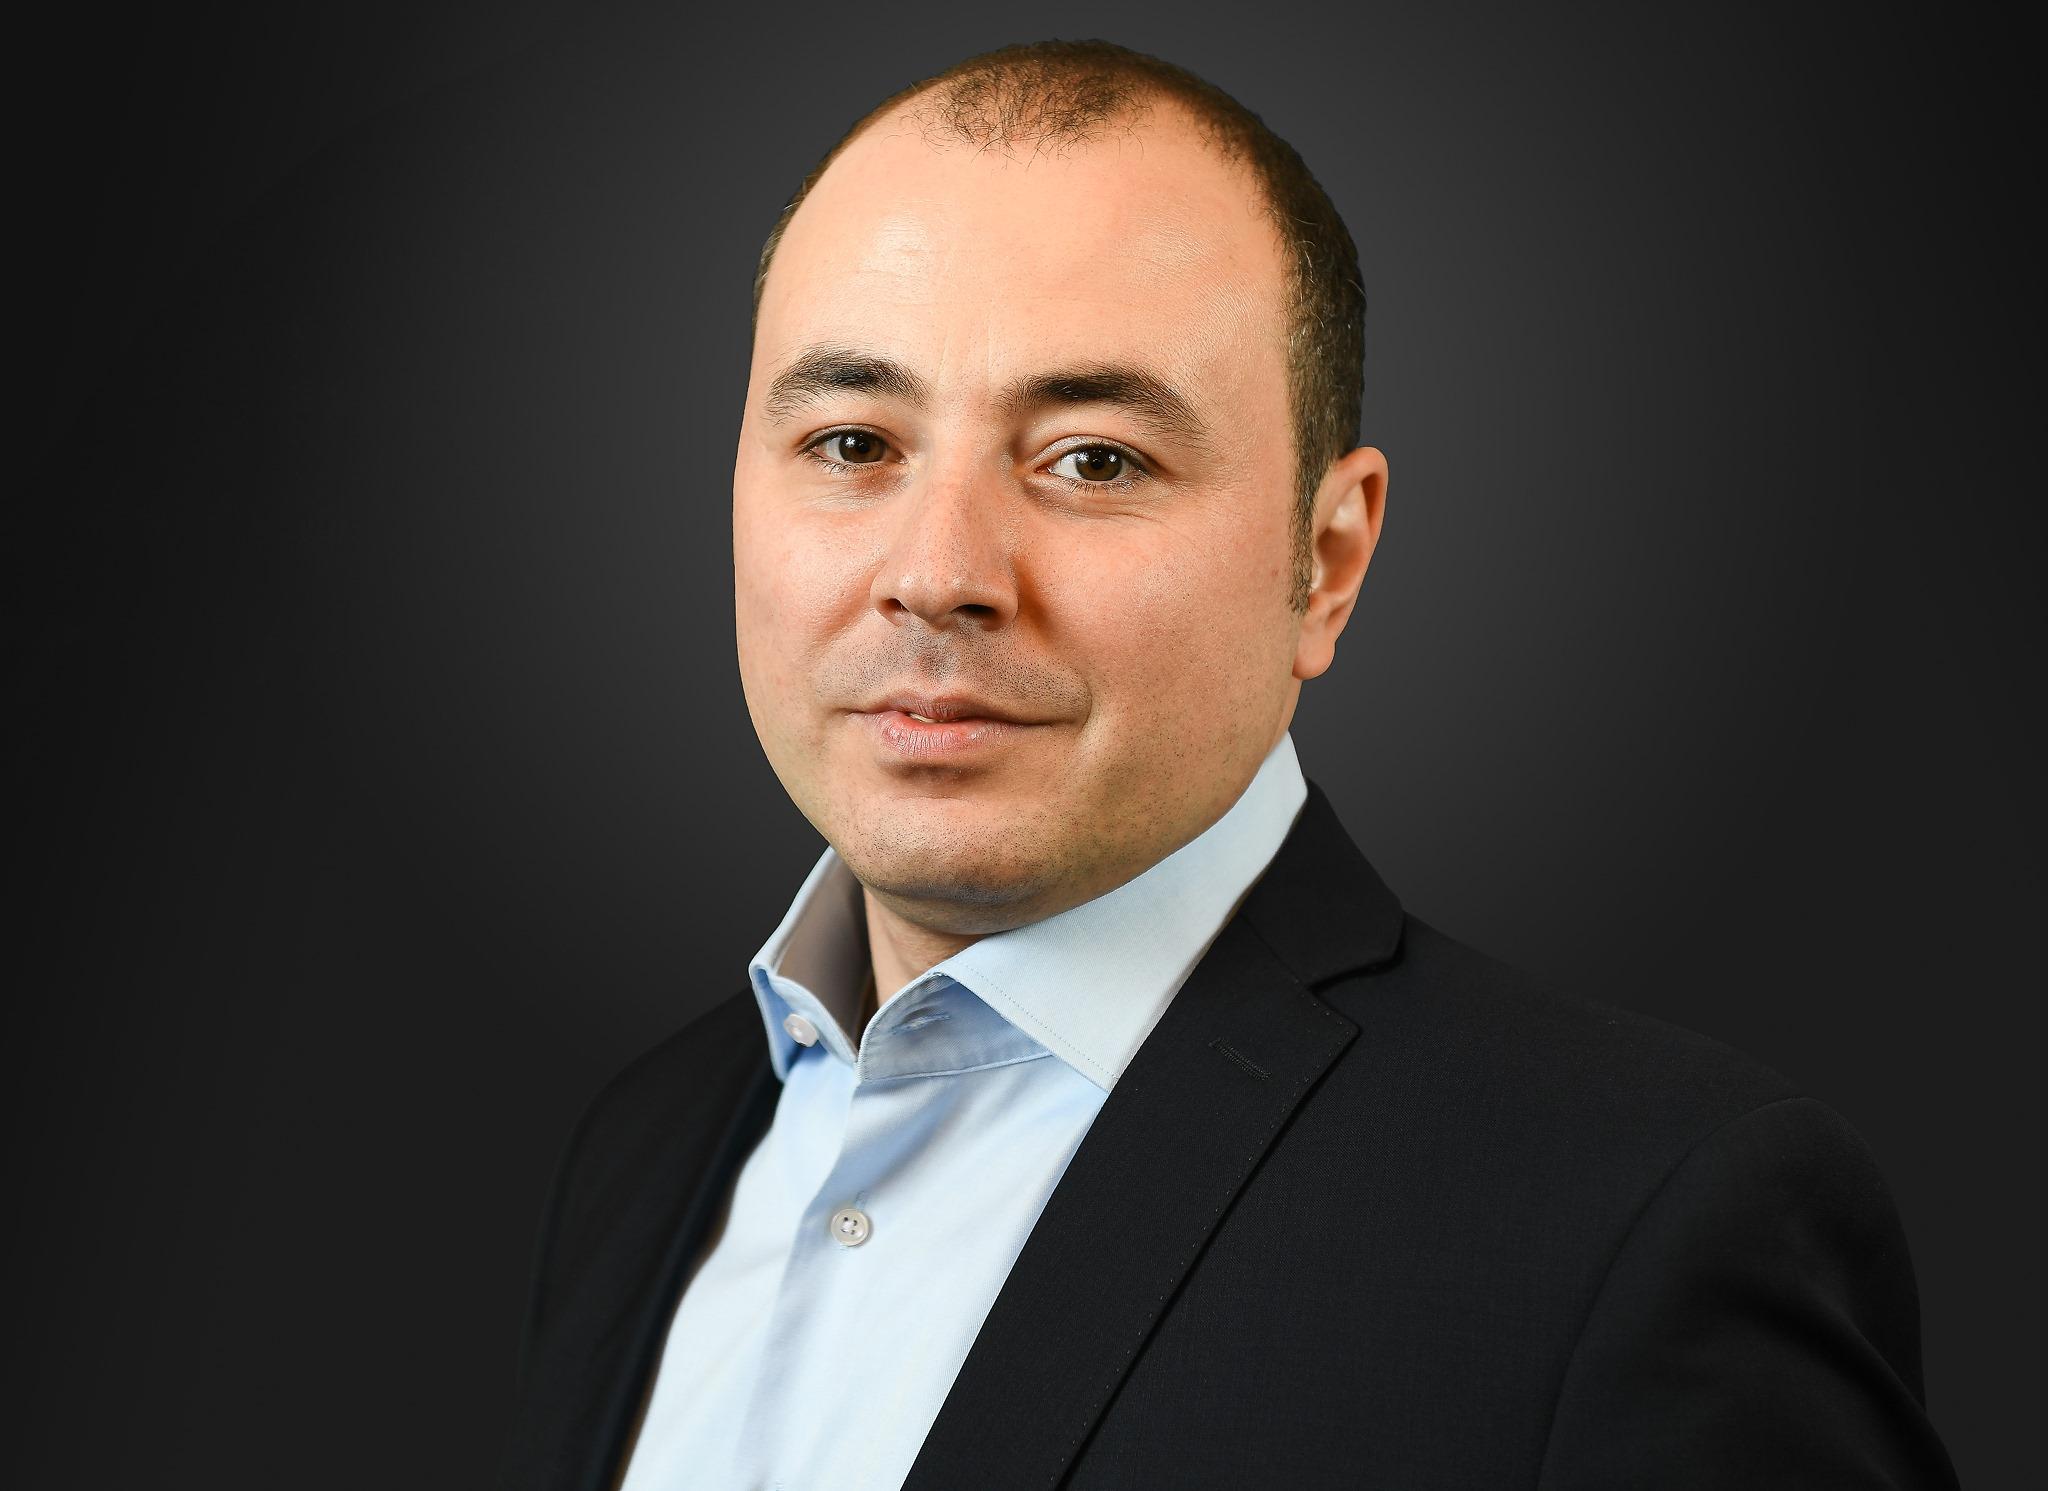 Consilierul prezidențial Andrei Muraru va fi propus ambasador al României în Statele Unite